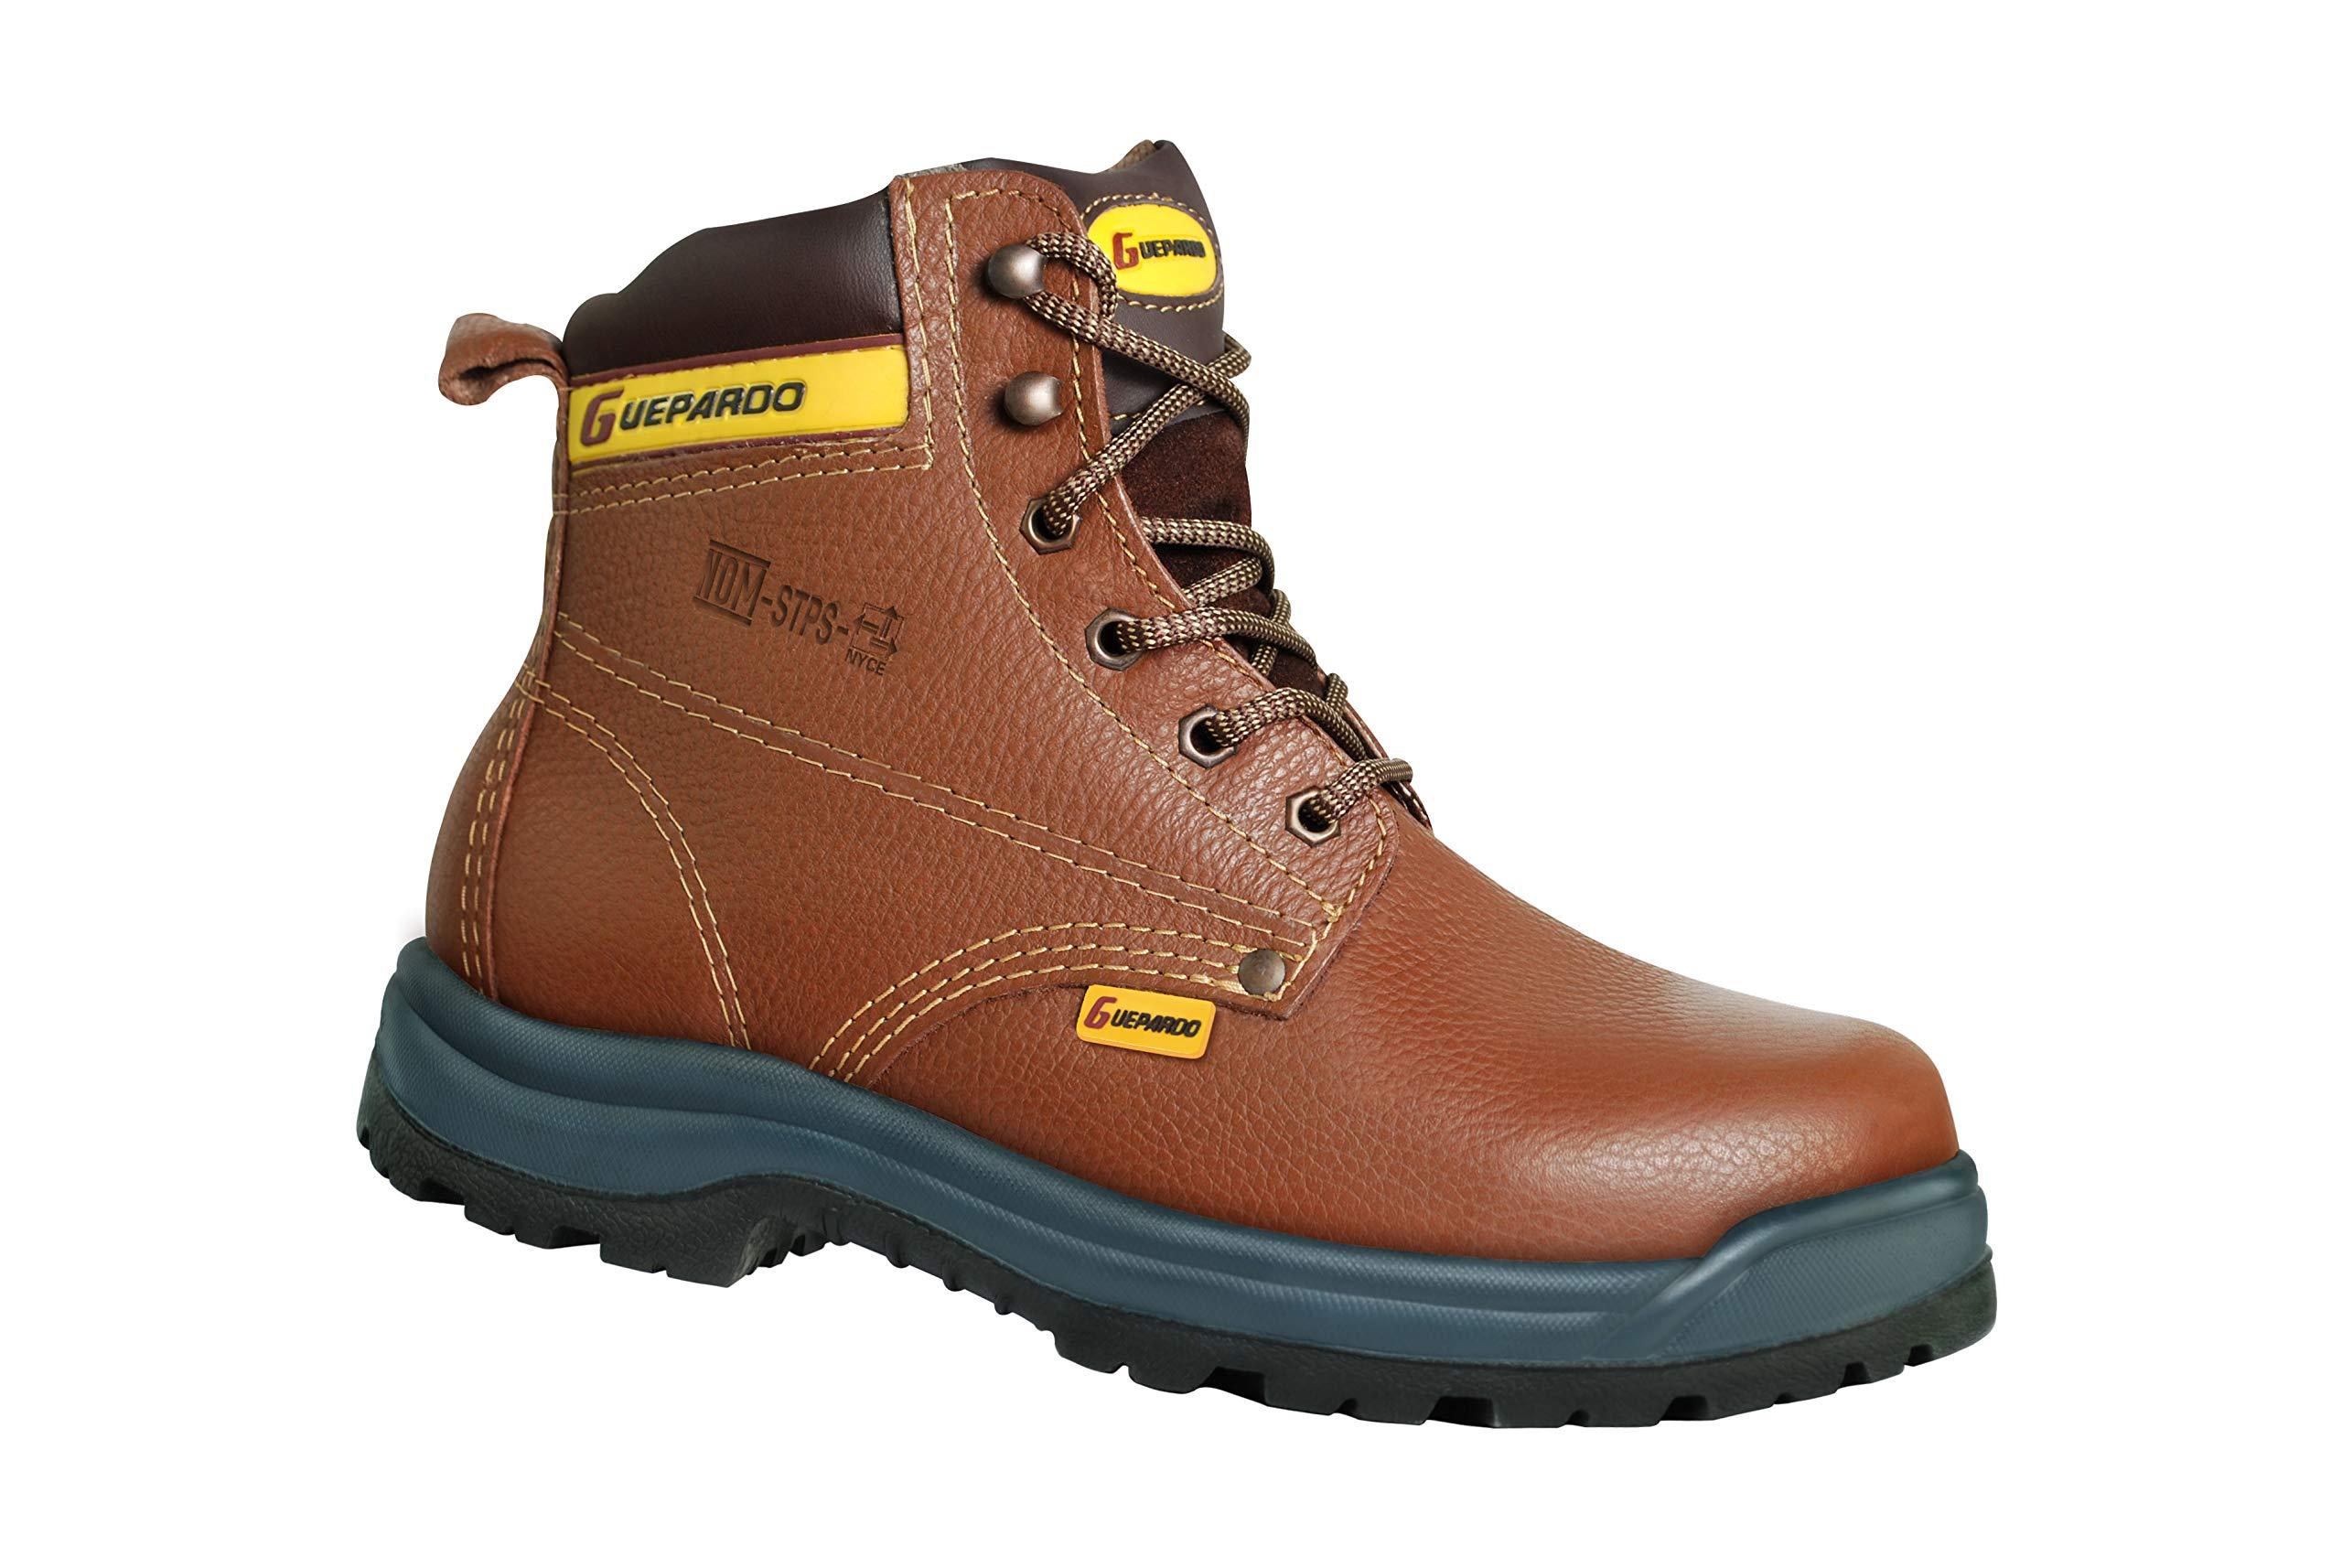 Guepardo Safety Footwear Model G75FLEXM25 (Work Boots) (12.5) Cinnamon